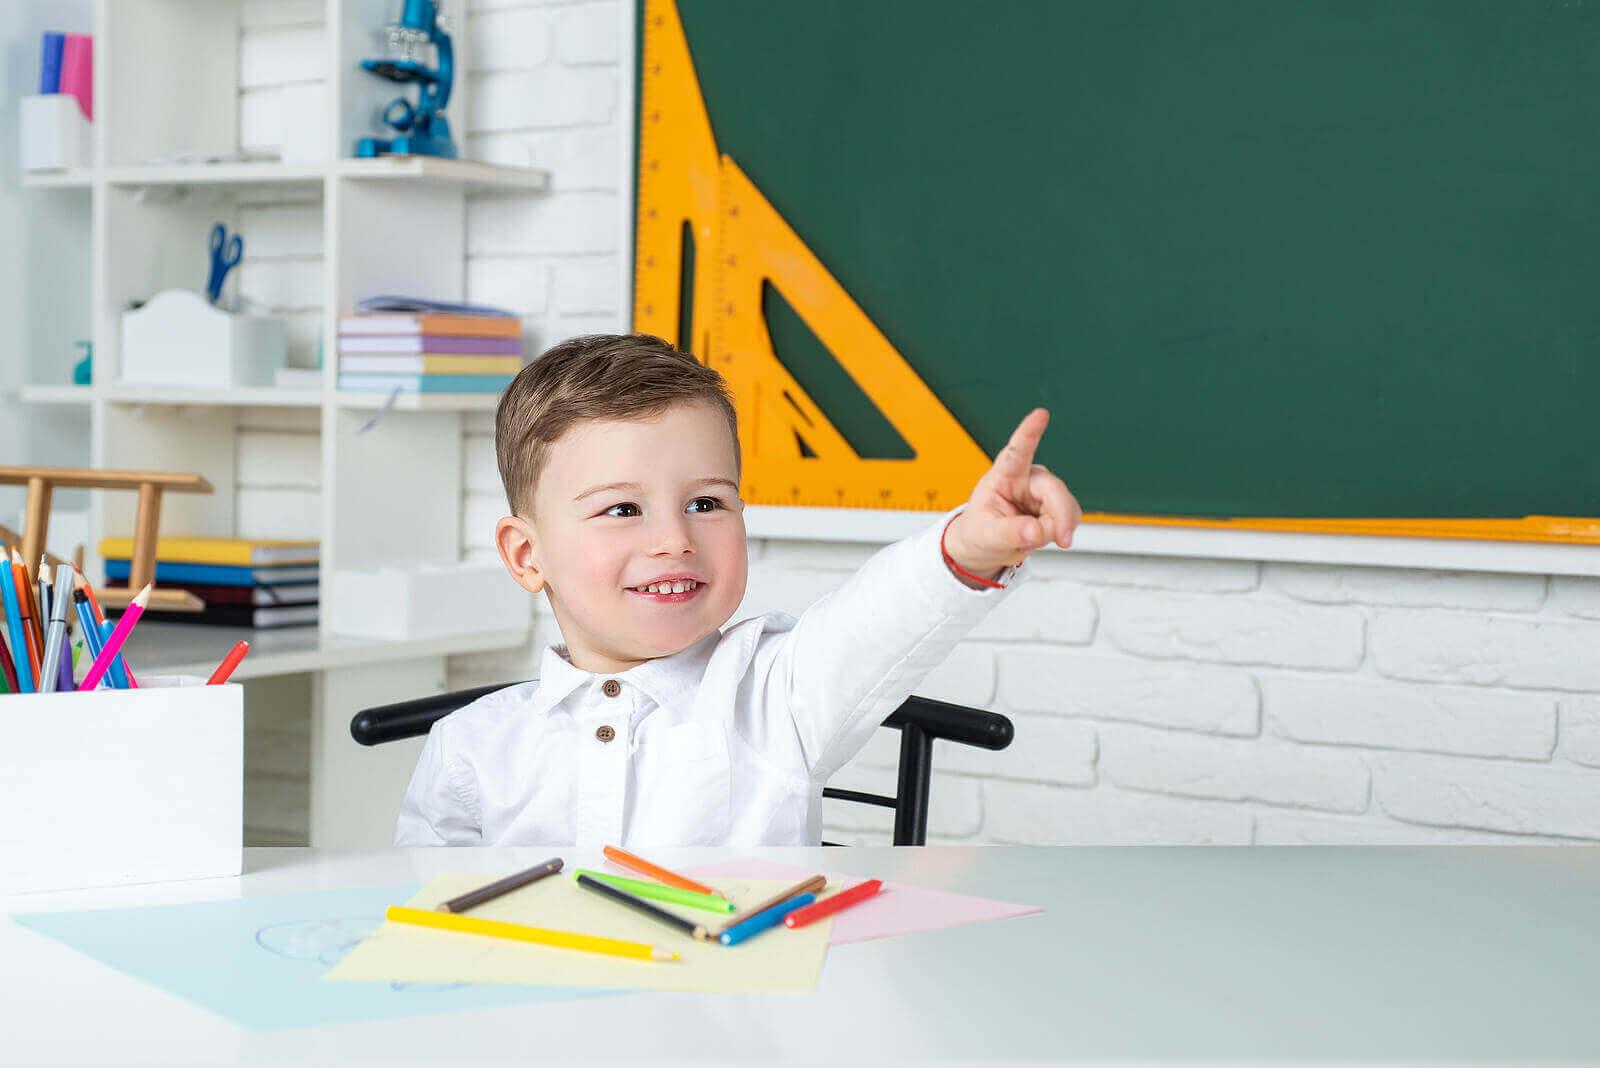 Glenn Doman'ın metoduyla çalışan küçük çocuk